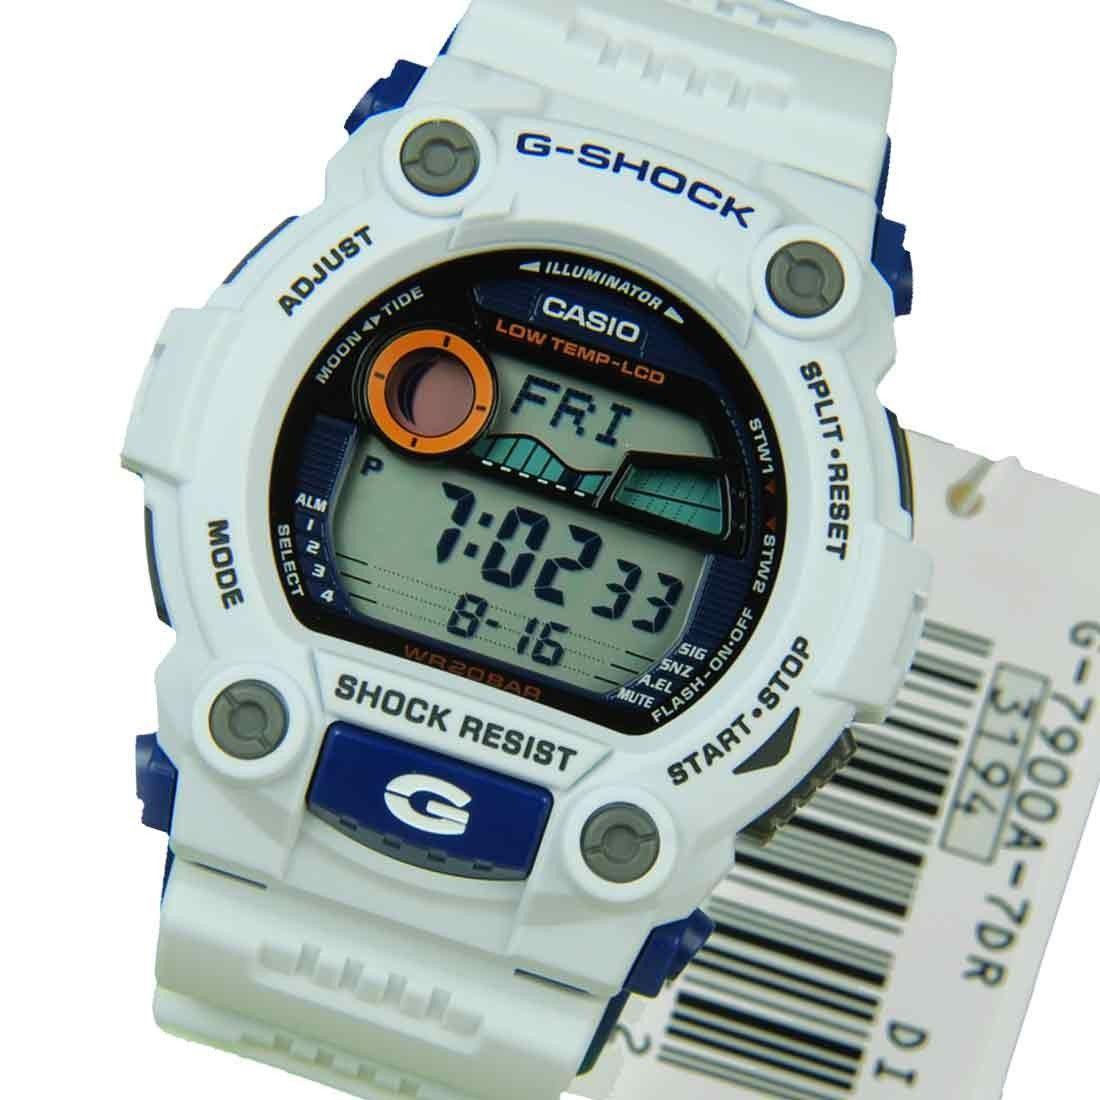 Casio G Shock 7900a 7dr Watch Pinterest Gst S110bd 1a2dr A Watchescom